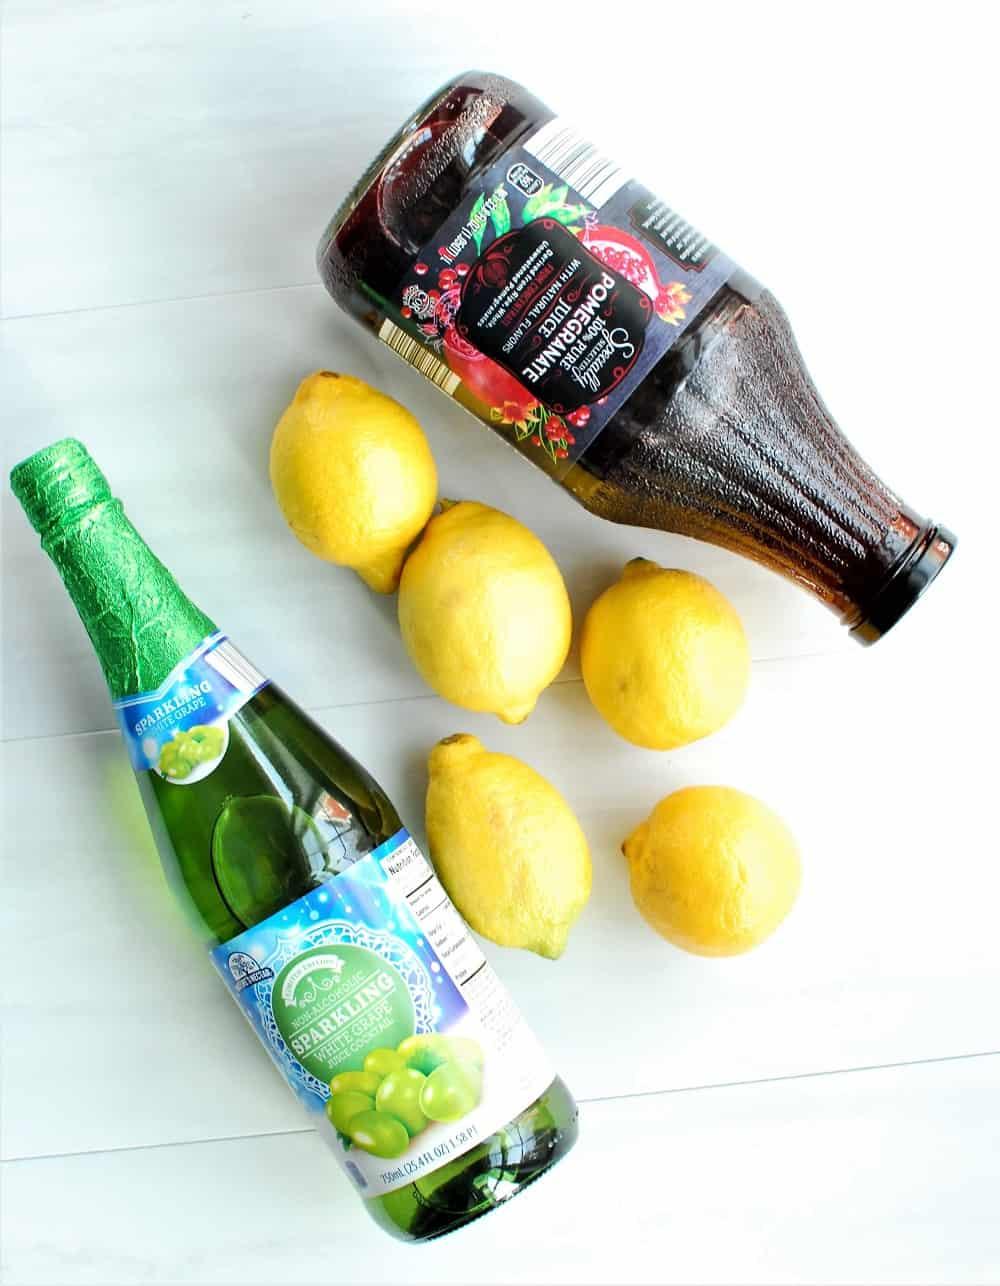 Ingredients for sparkling pomegranate lemonade